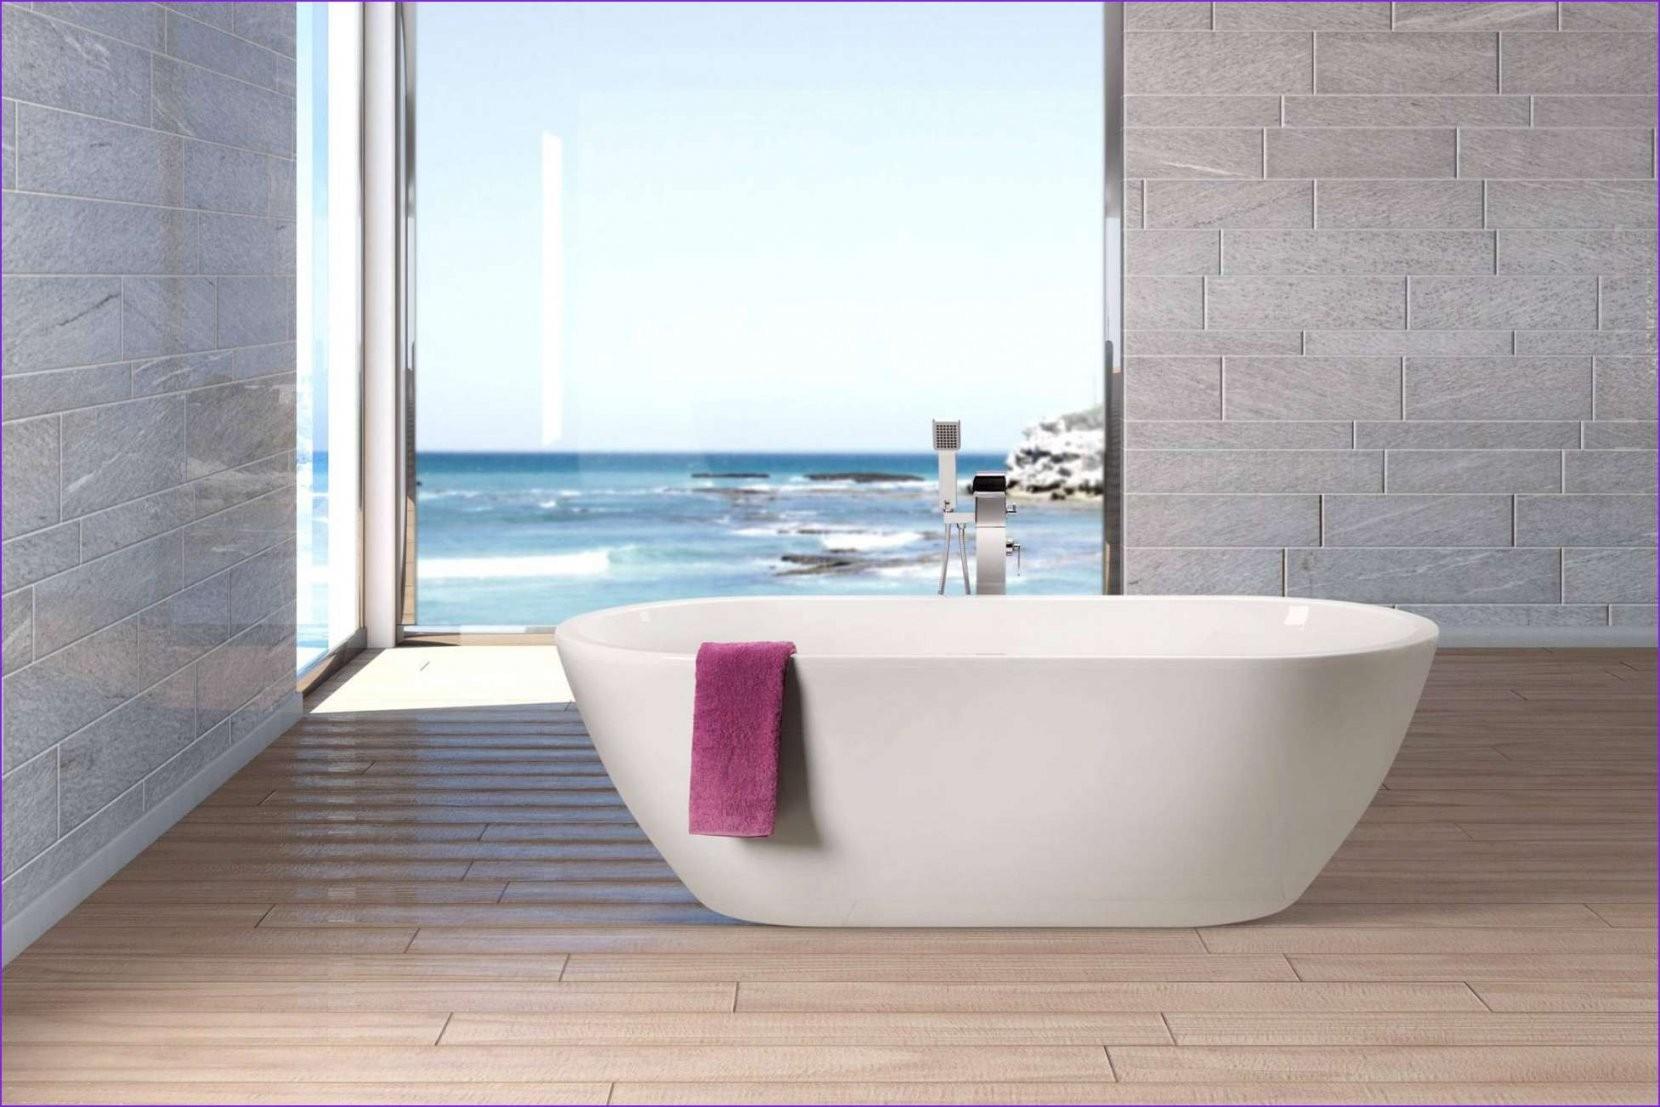 Haus Möbel Badewanne Günstig Kaufen Bild Von Freistehende G C3 Von von Freistehende Badewanne Günstig Kaufen Photo